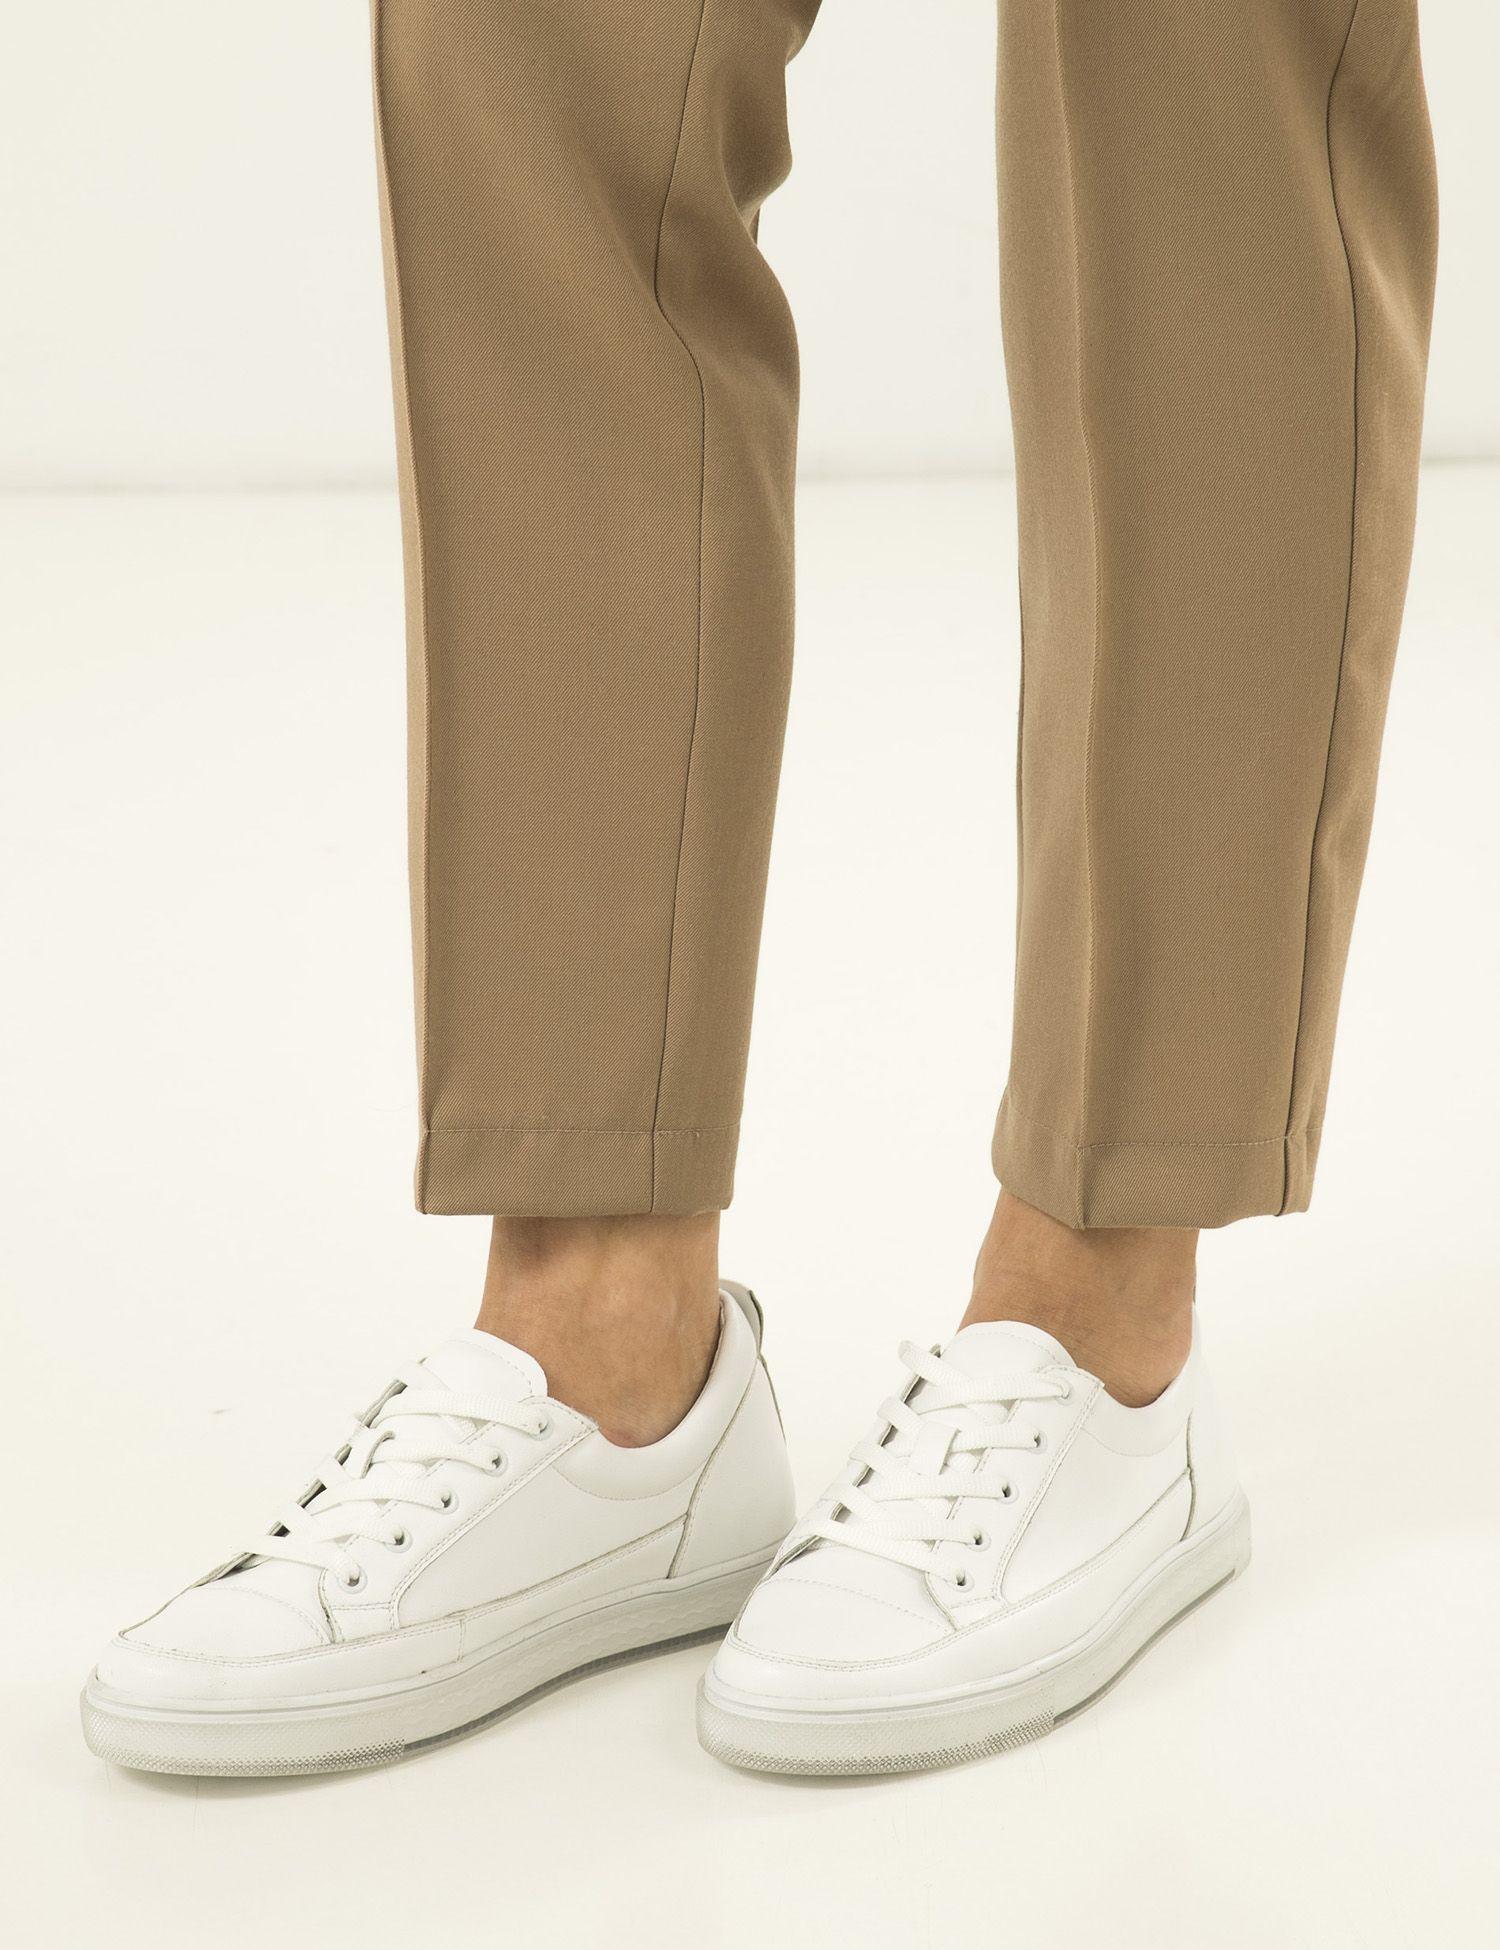 Кроссовки женские Кеды 73108180-1 белая кожа 73108180-1 размерная сетка обуви, 2017